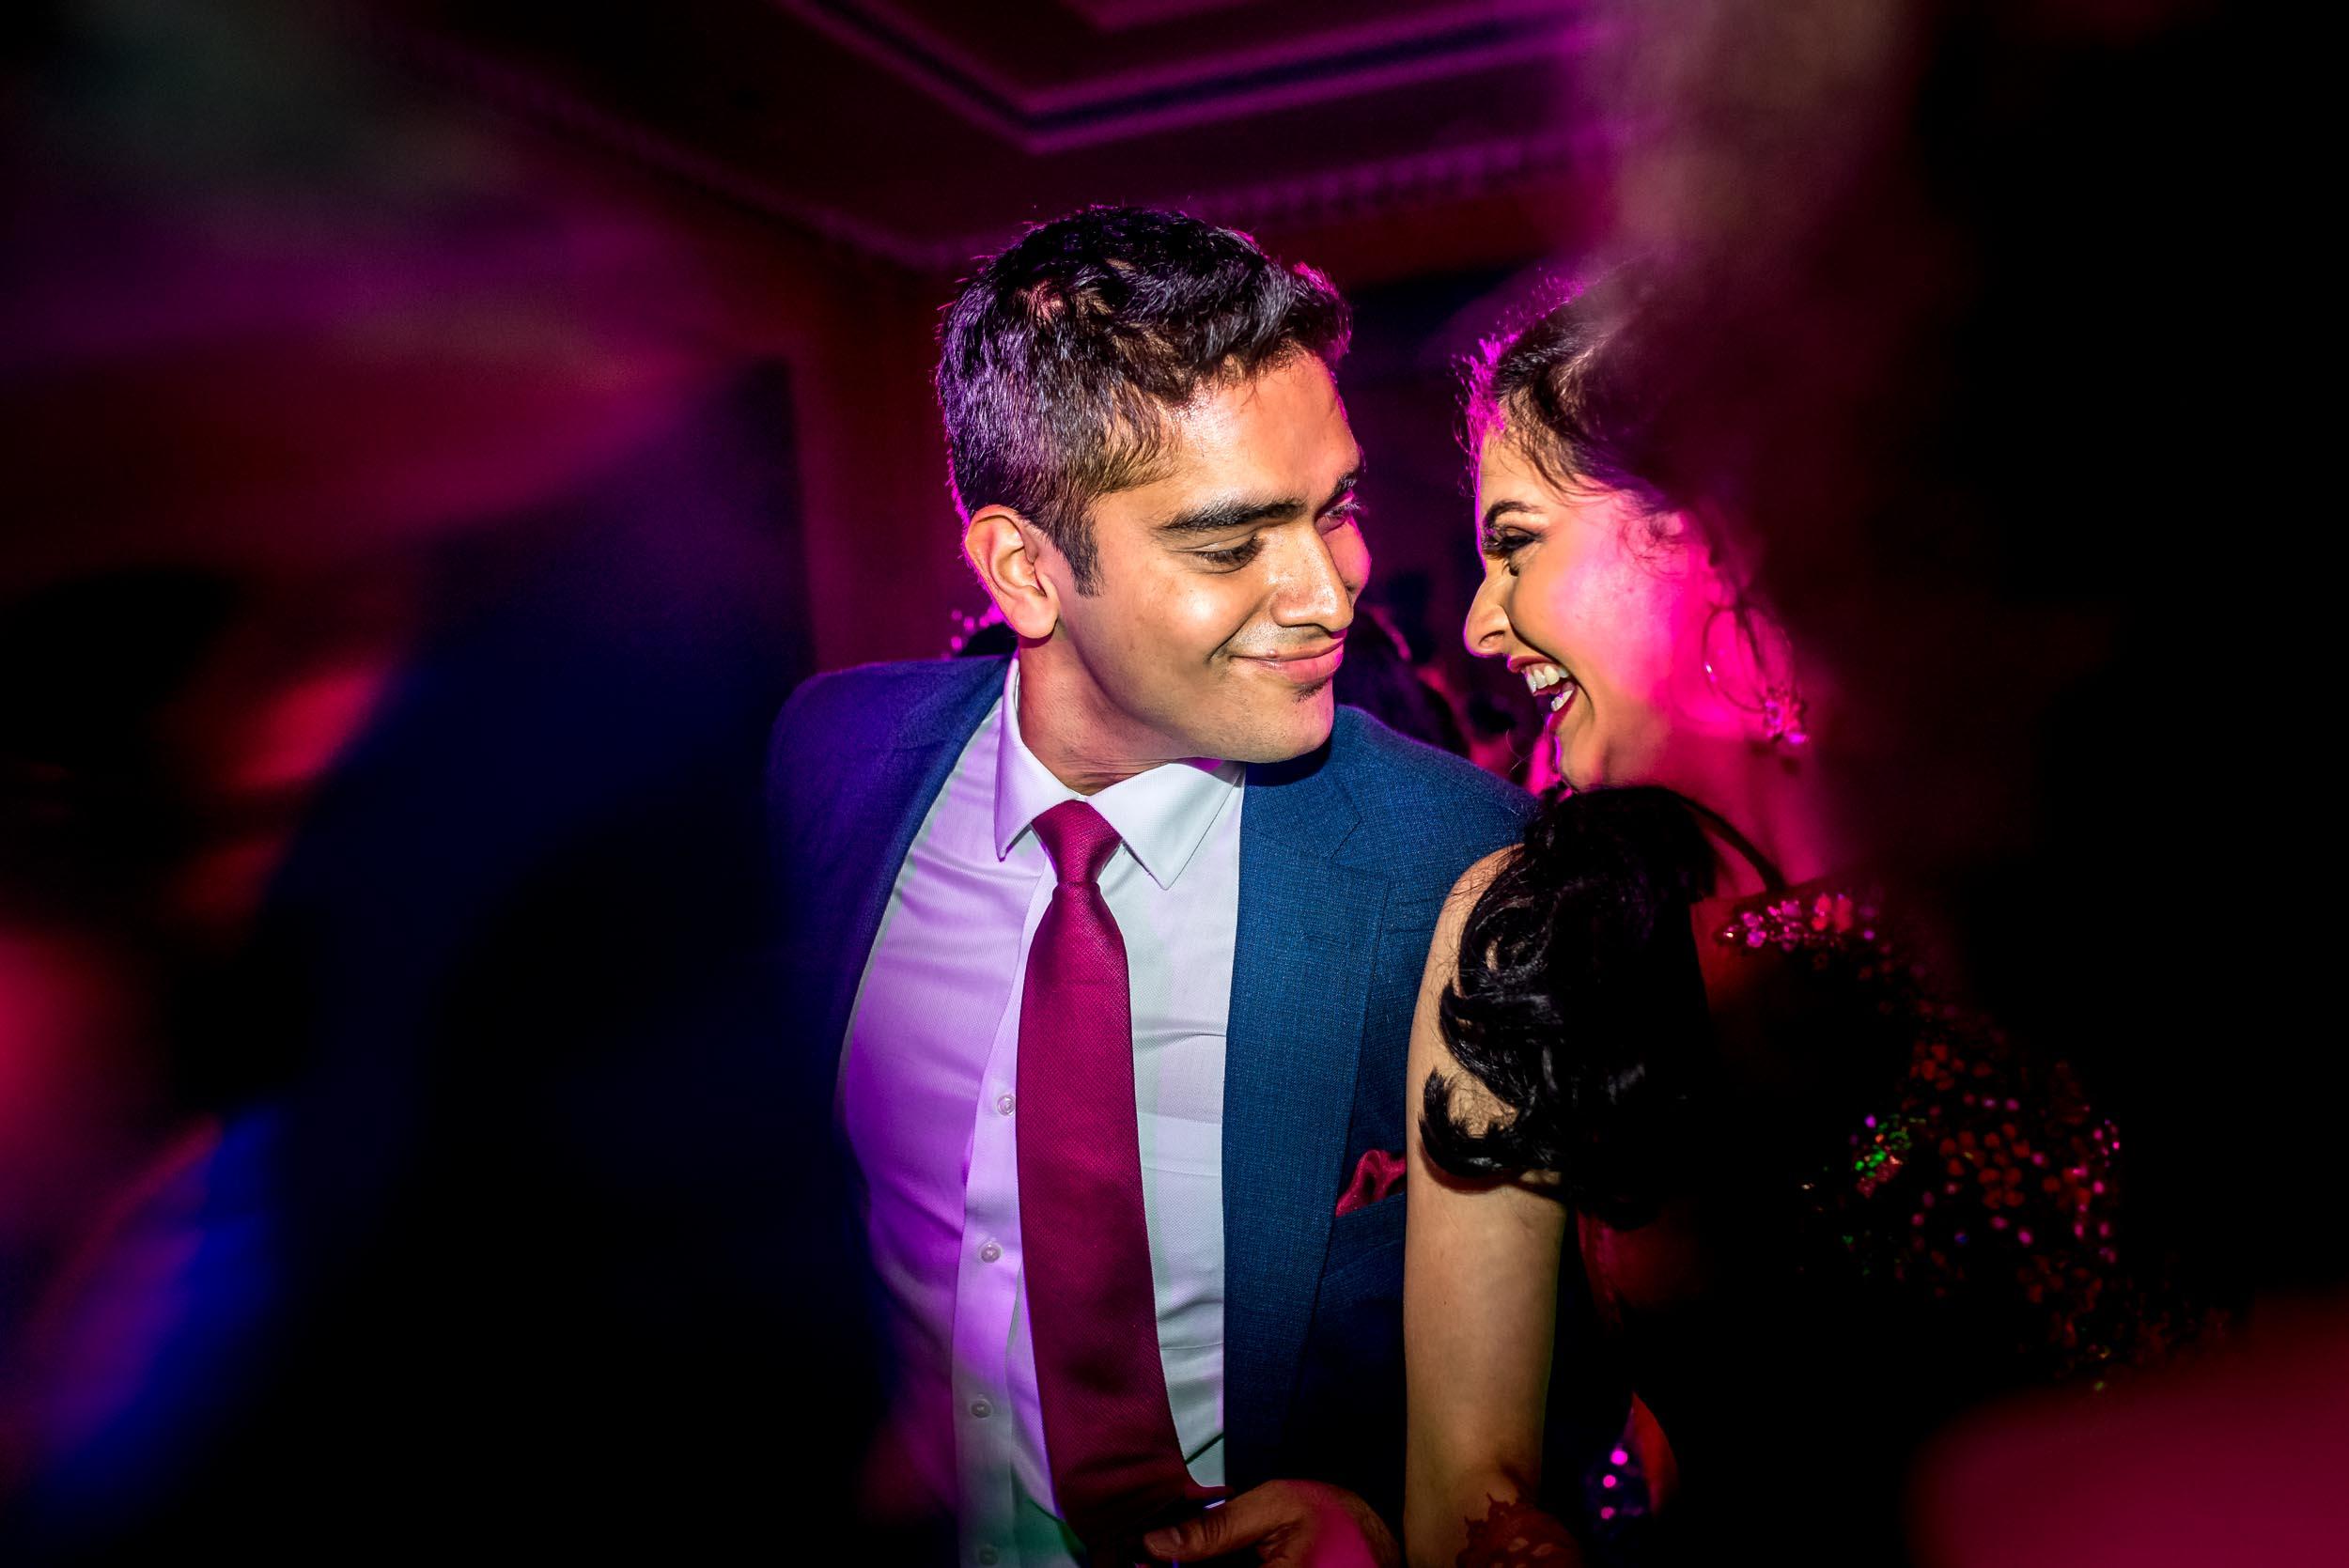 mumbai-pune-wedding-173.jpg